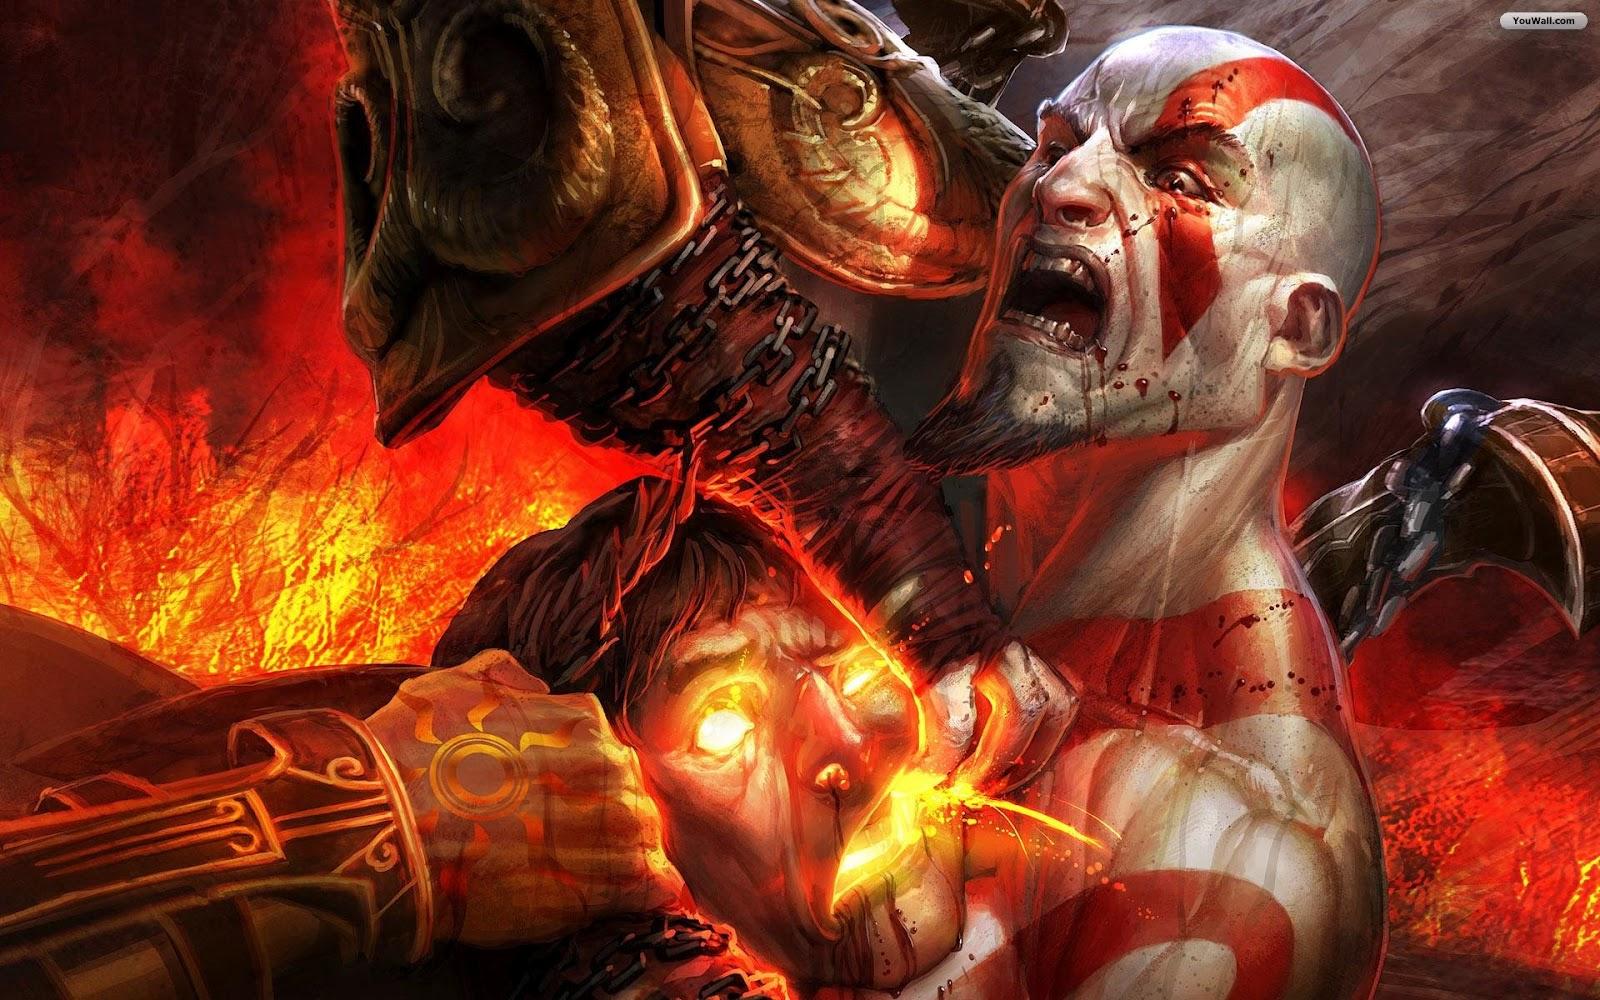 http://2.bp.blogspot.com/-HWTInZOHFfg/T7vQZsMuFCI/AAAAAAAAEZo/9gbqhve_p5I/s1600/WallPapers+HD+De+God+Of+War+-+Www.10Pixeles.Com+%25284%2529.jpg